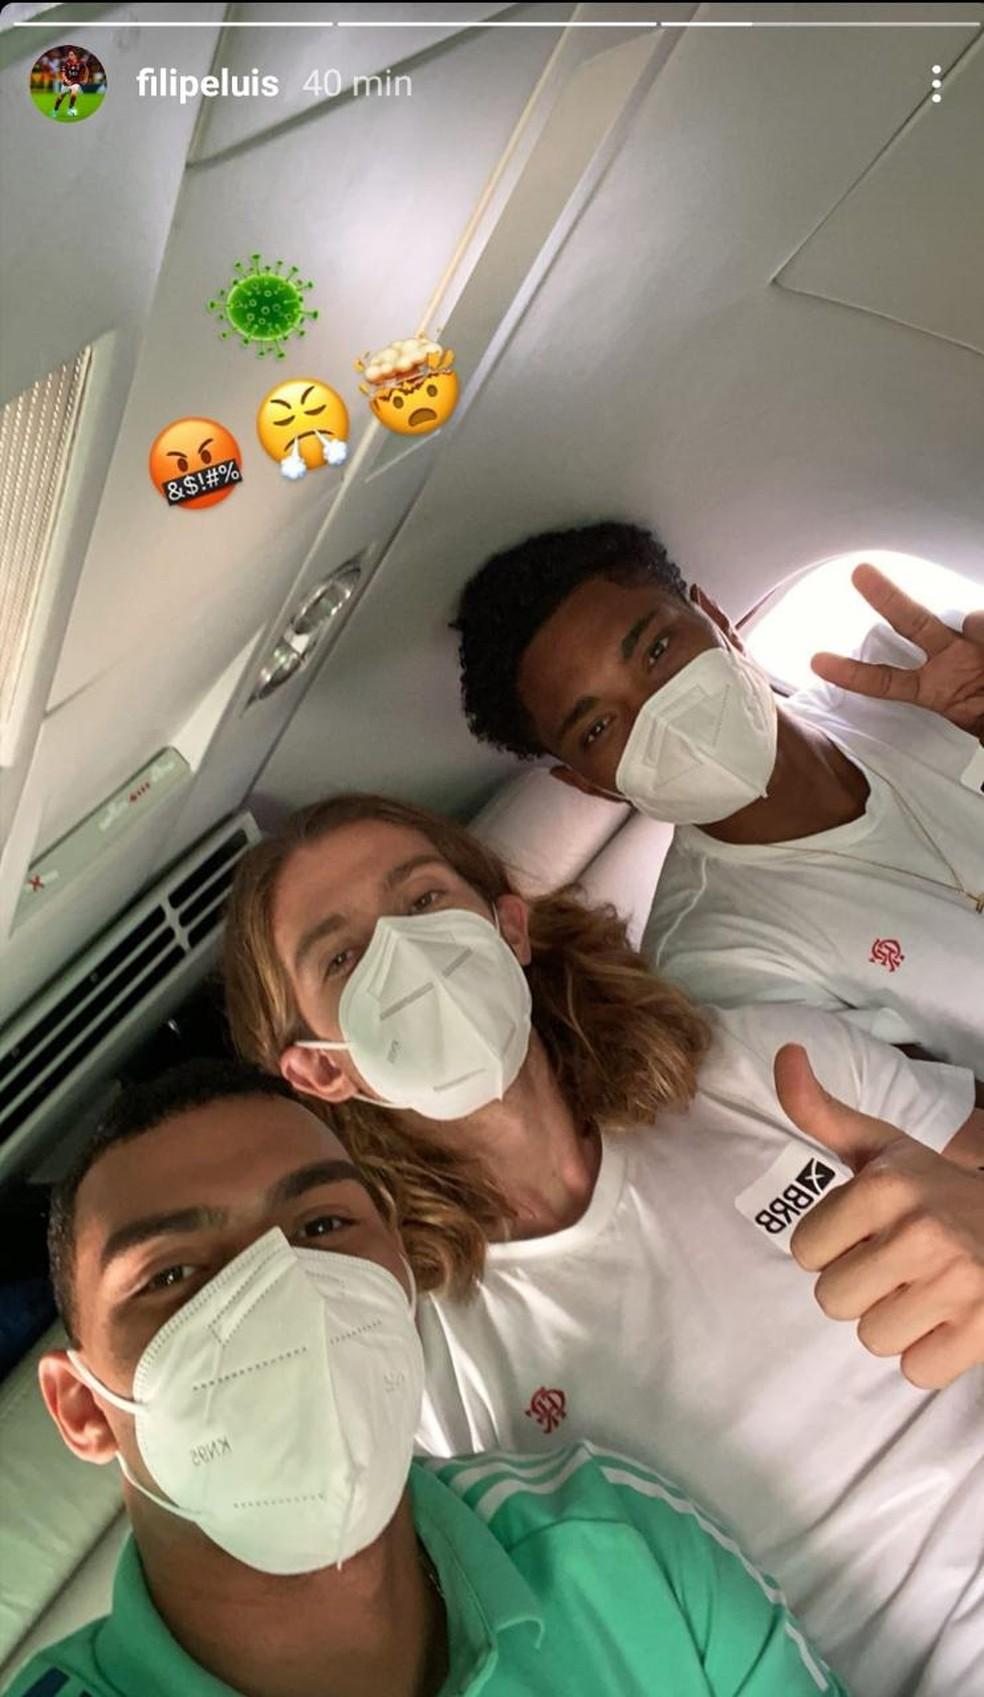 Jogadores com Covid-19 voltaram para o Rio de Janeiro antes mesmo da partida em Guayaquil — Foto: Reprodução